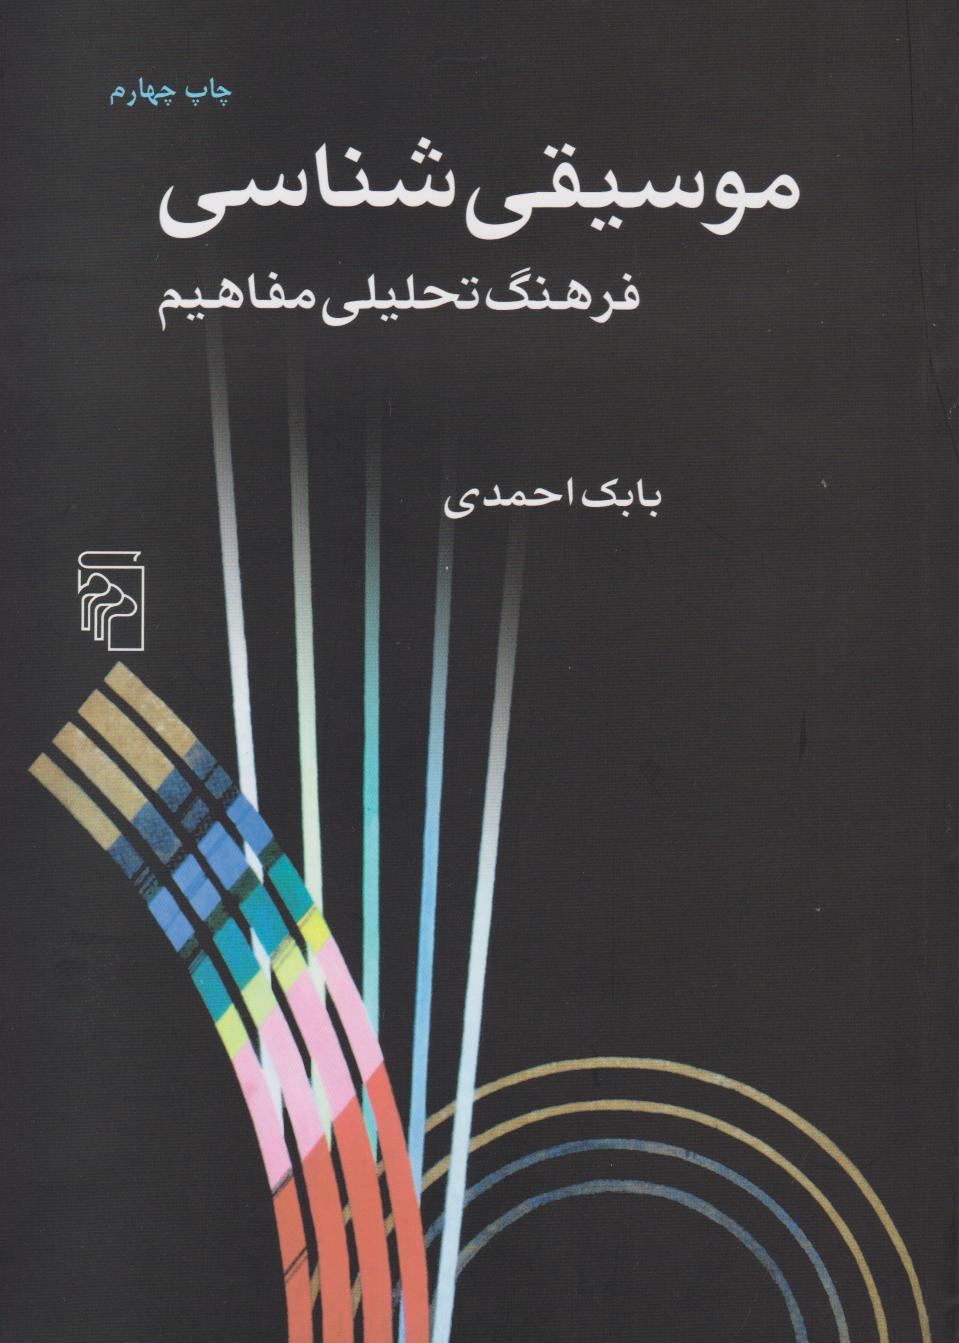 کتاب موسیقی شناسی بابک احمدی انتشارات مرکز